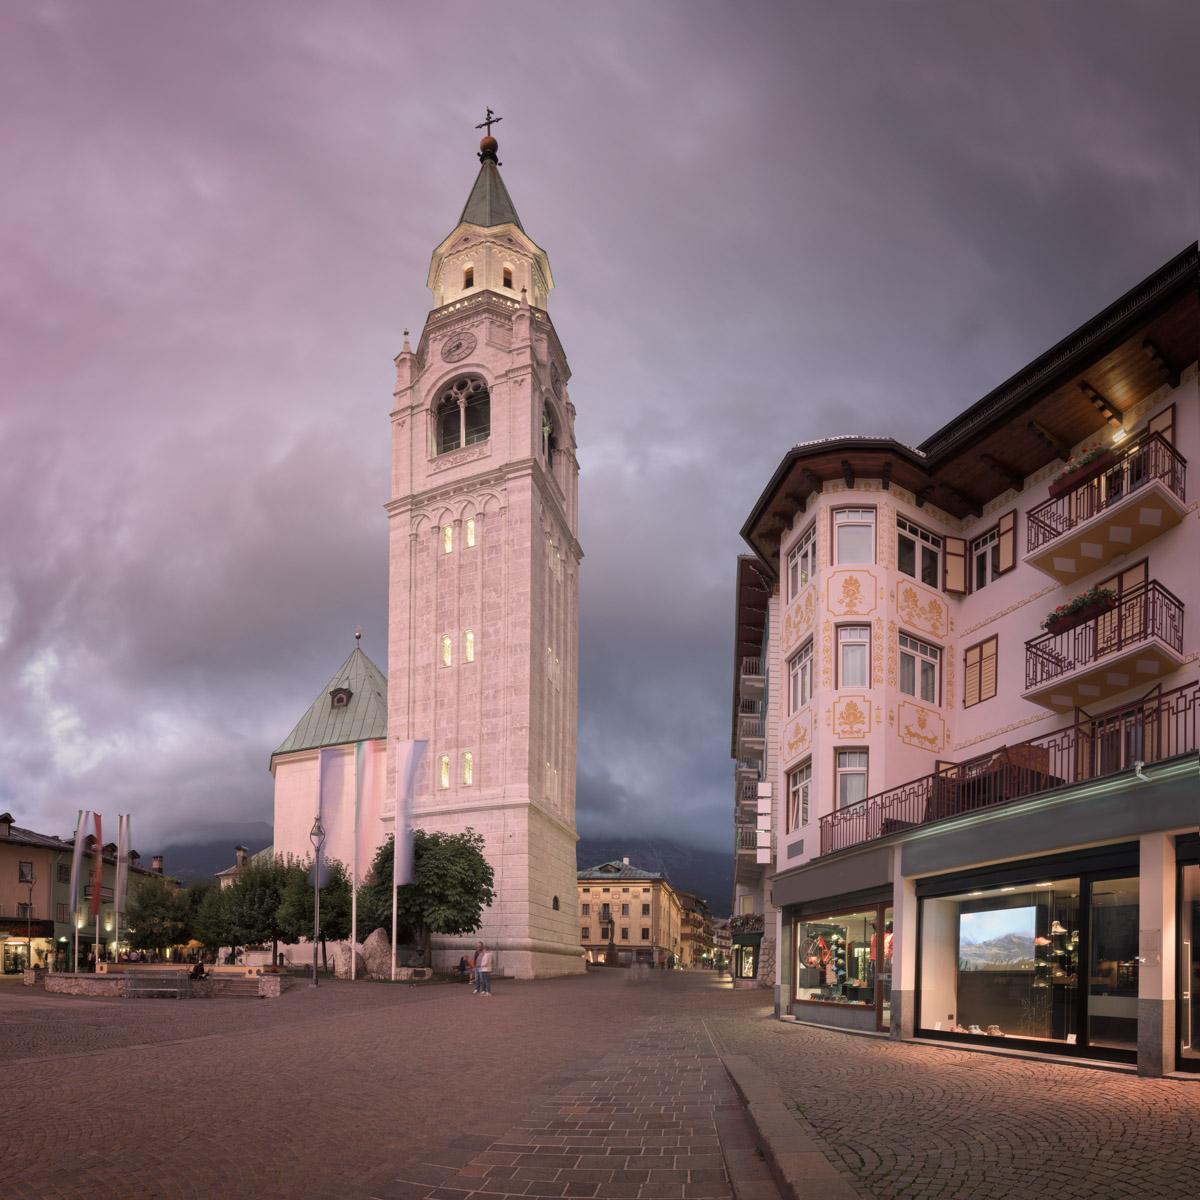 Basilica Minore dei Santi Filippo e Giacomo in Cortina d'Ampezzo